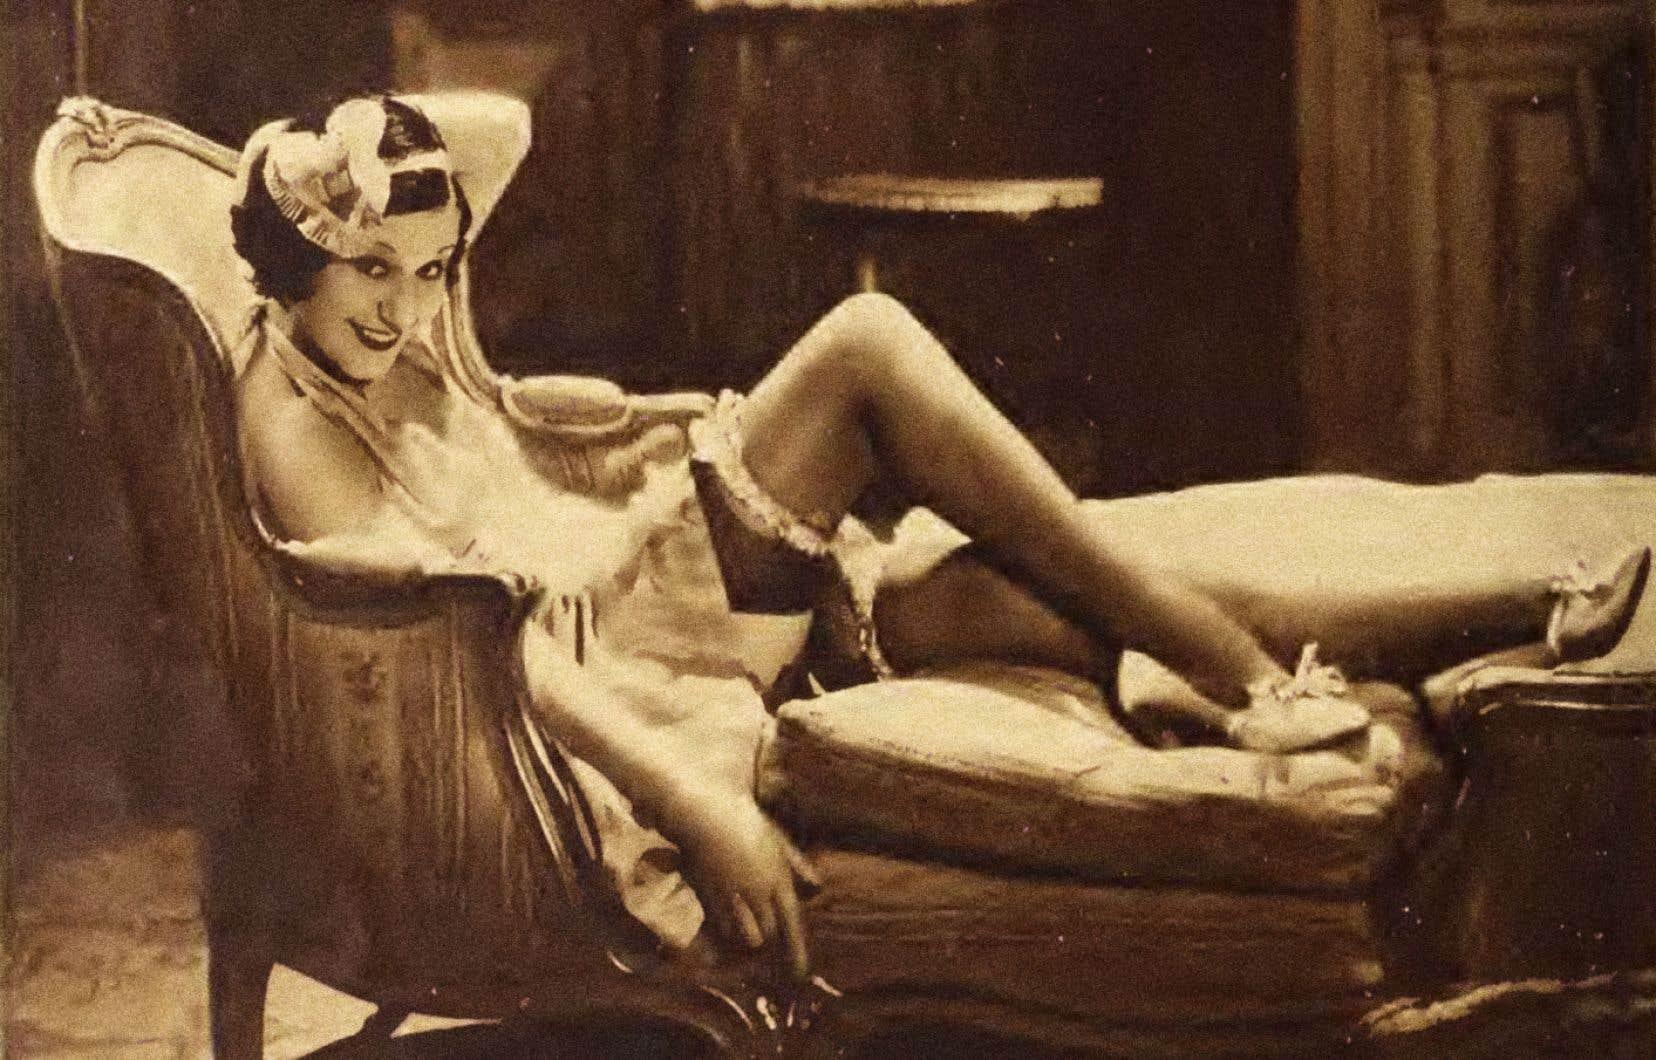 Fifi d'Orsay, photographie recadrée de Ray Jones tirée du magazine «Movie Classic» (1933) numérisé par la bibliothèque du Congrès